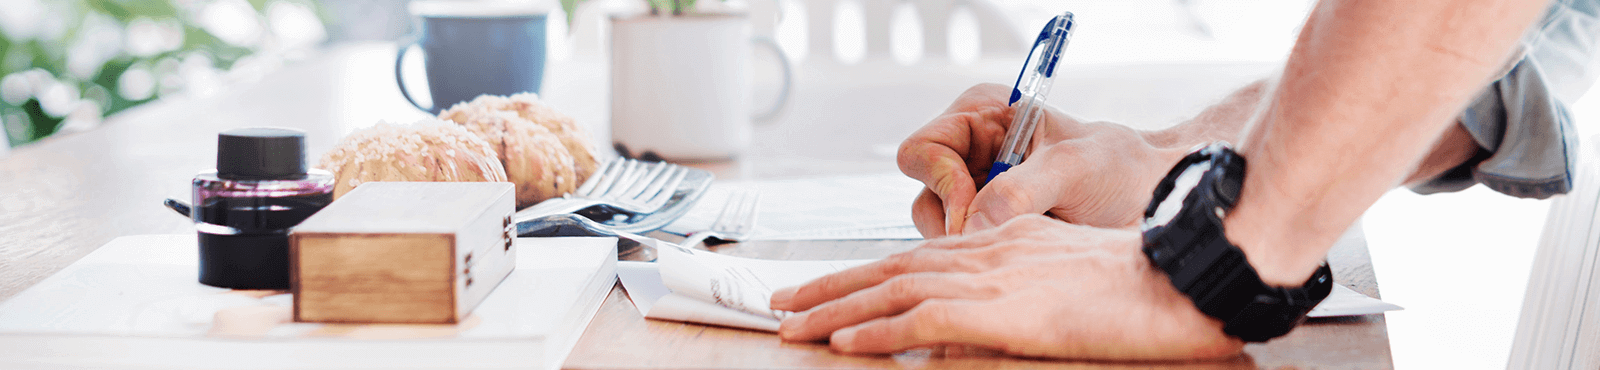 Rechnungsvorlagen Für Excel Word Als Pdf Downloaden